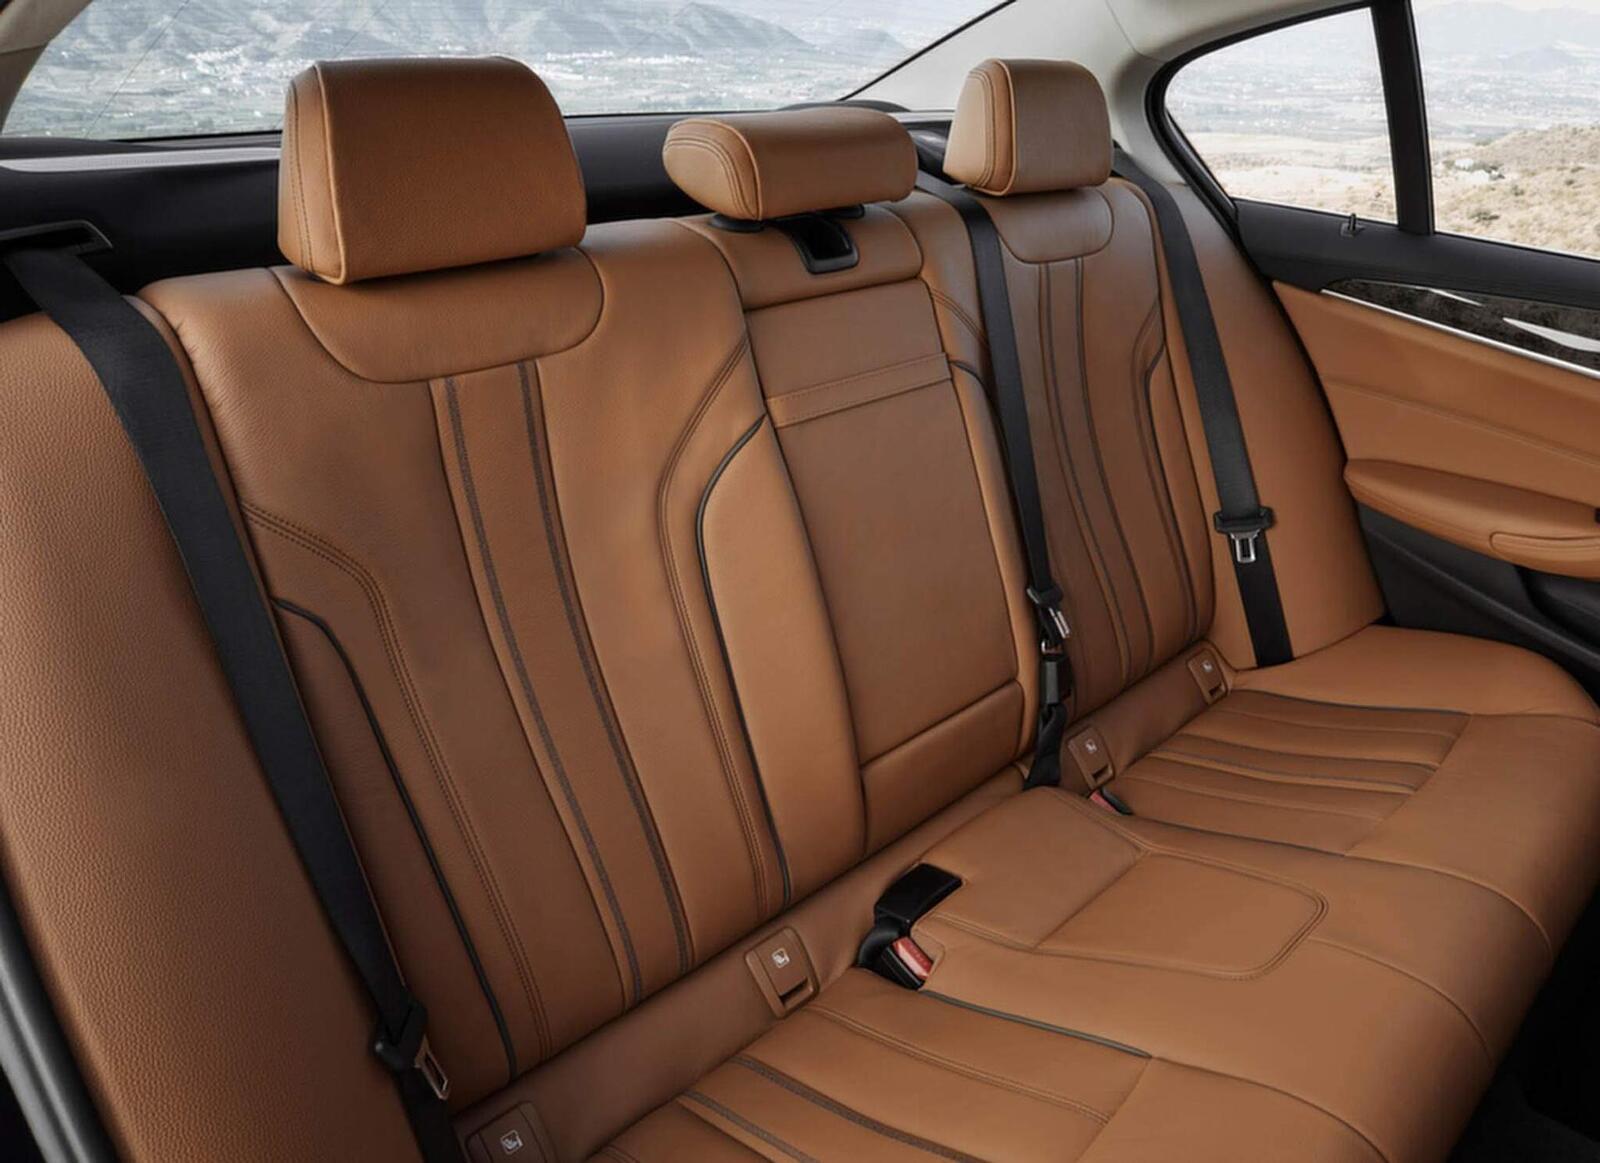 BMW 5 Series thế hệ hoàn toàn mới xuất hiện tại Hà Nội - Hình 14